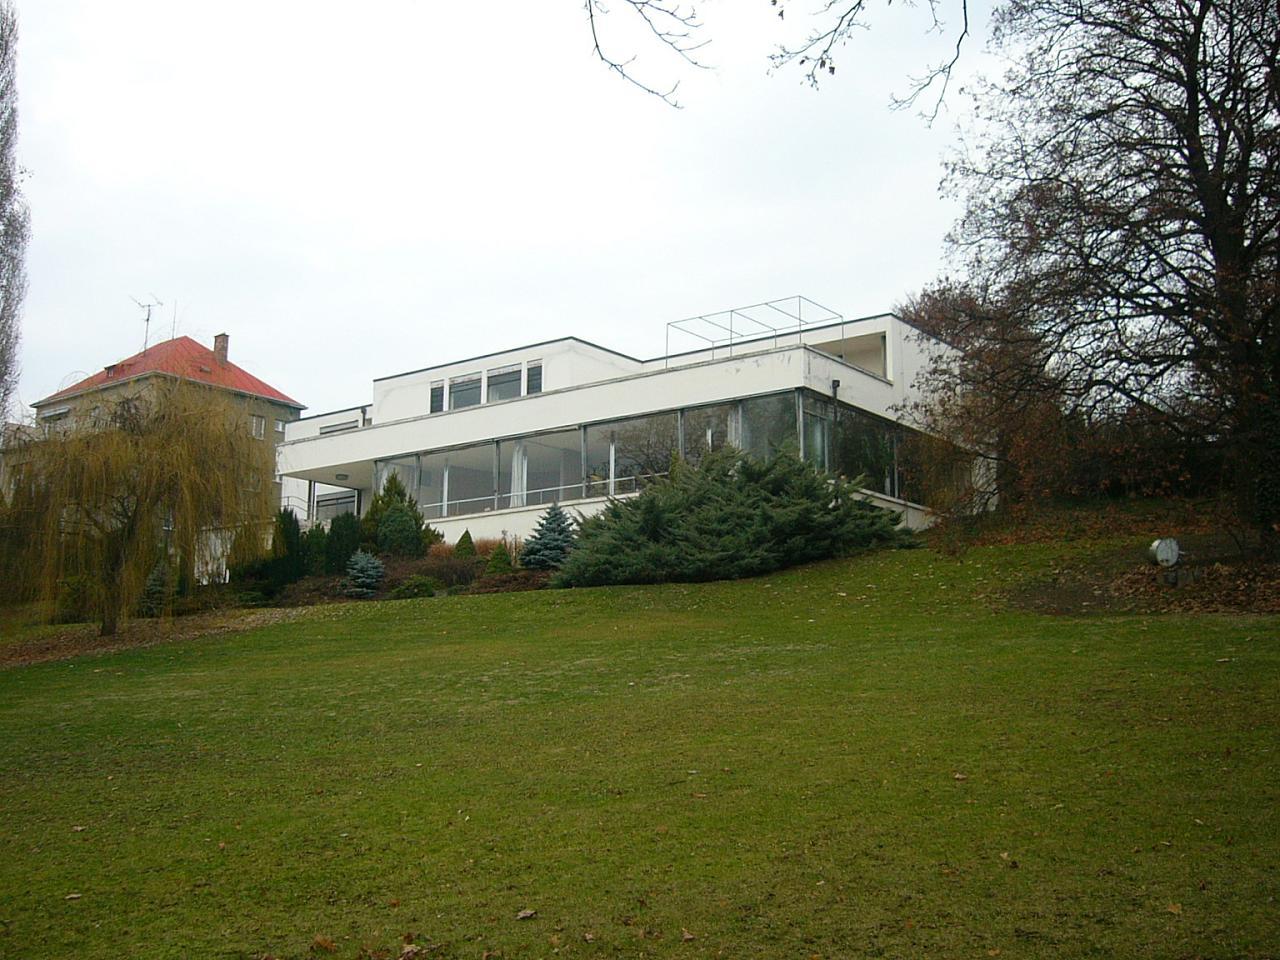 Villa tugendhat arkitalker mies van der rohe - Cz Brno Tugendhat House Architect Mies Van Der Rohe 1930